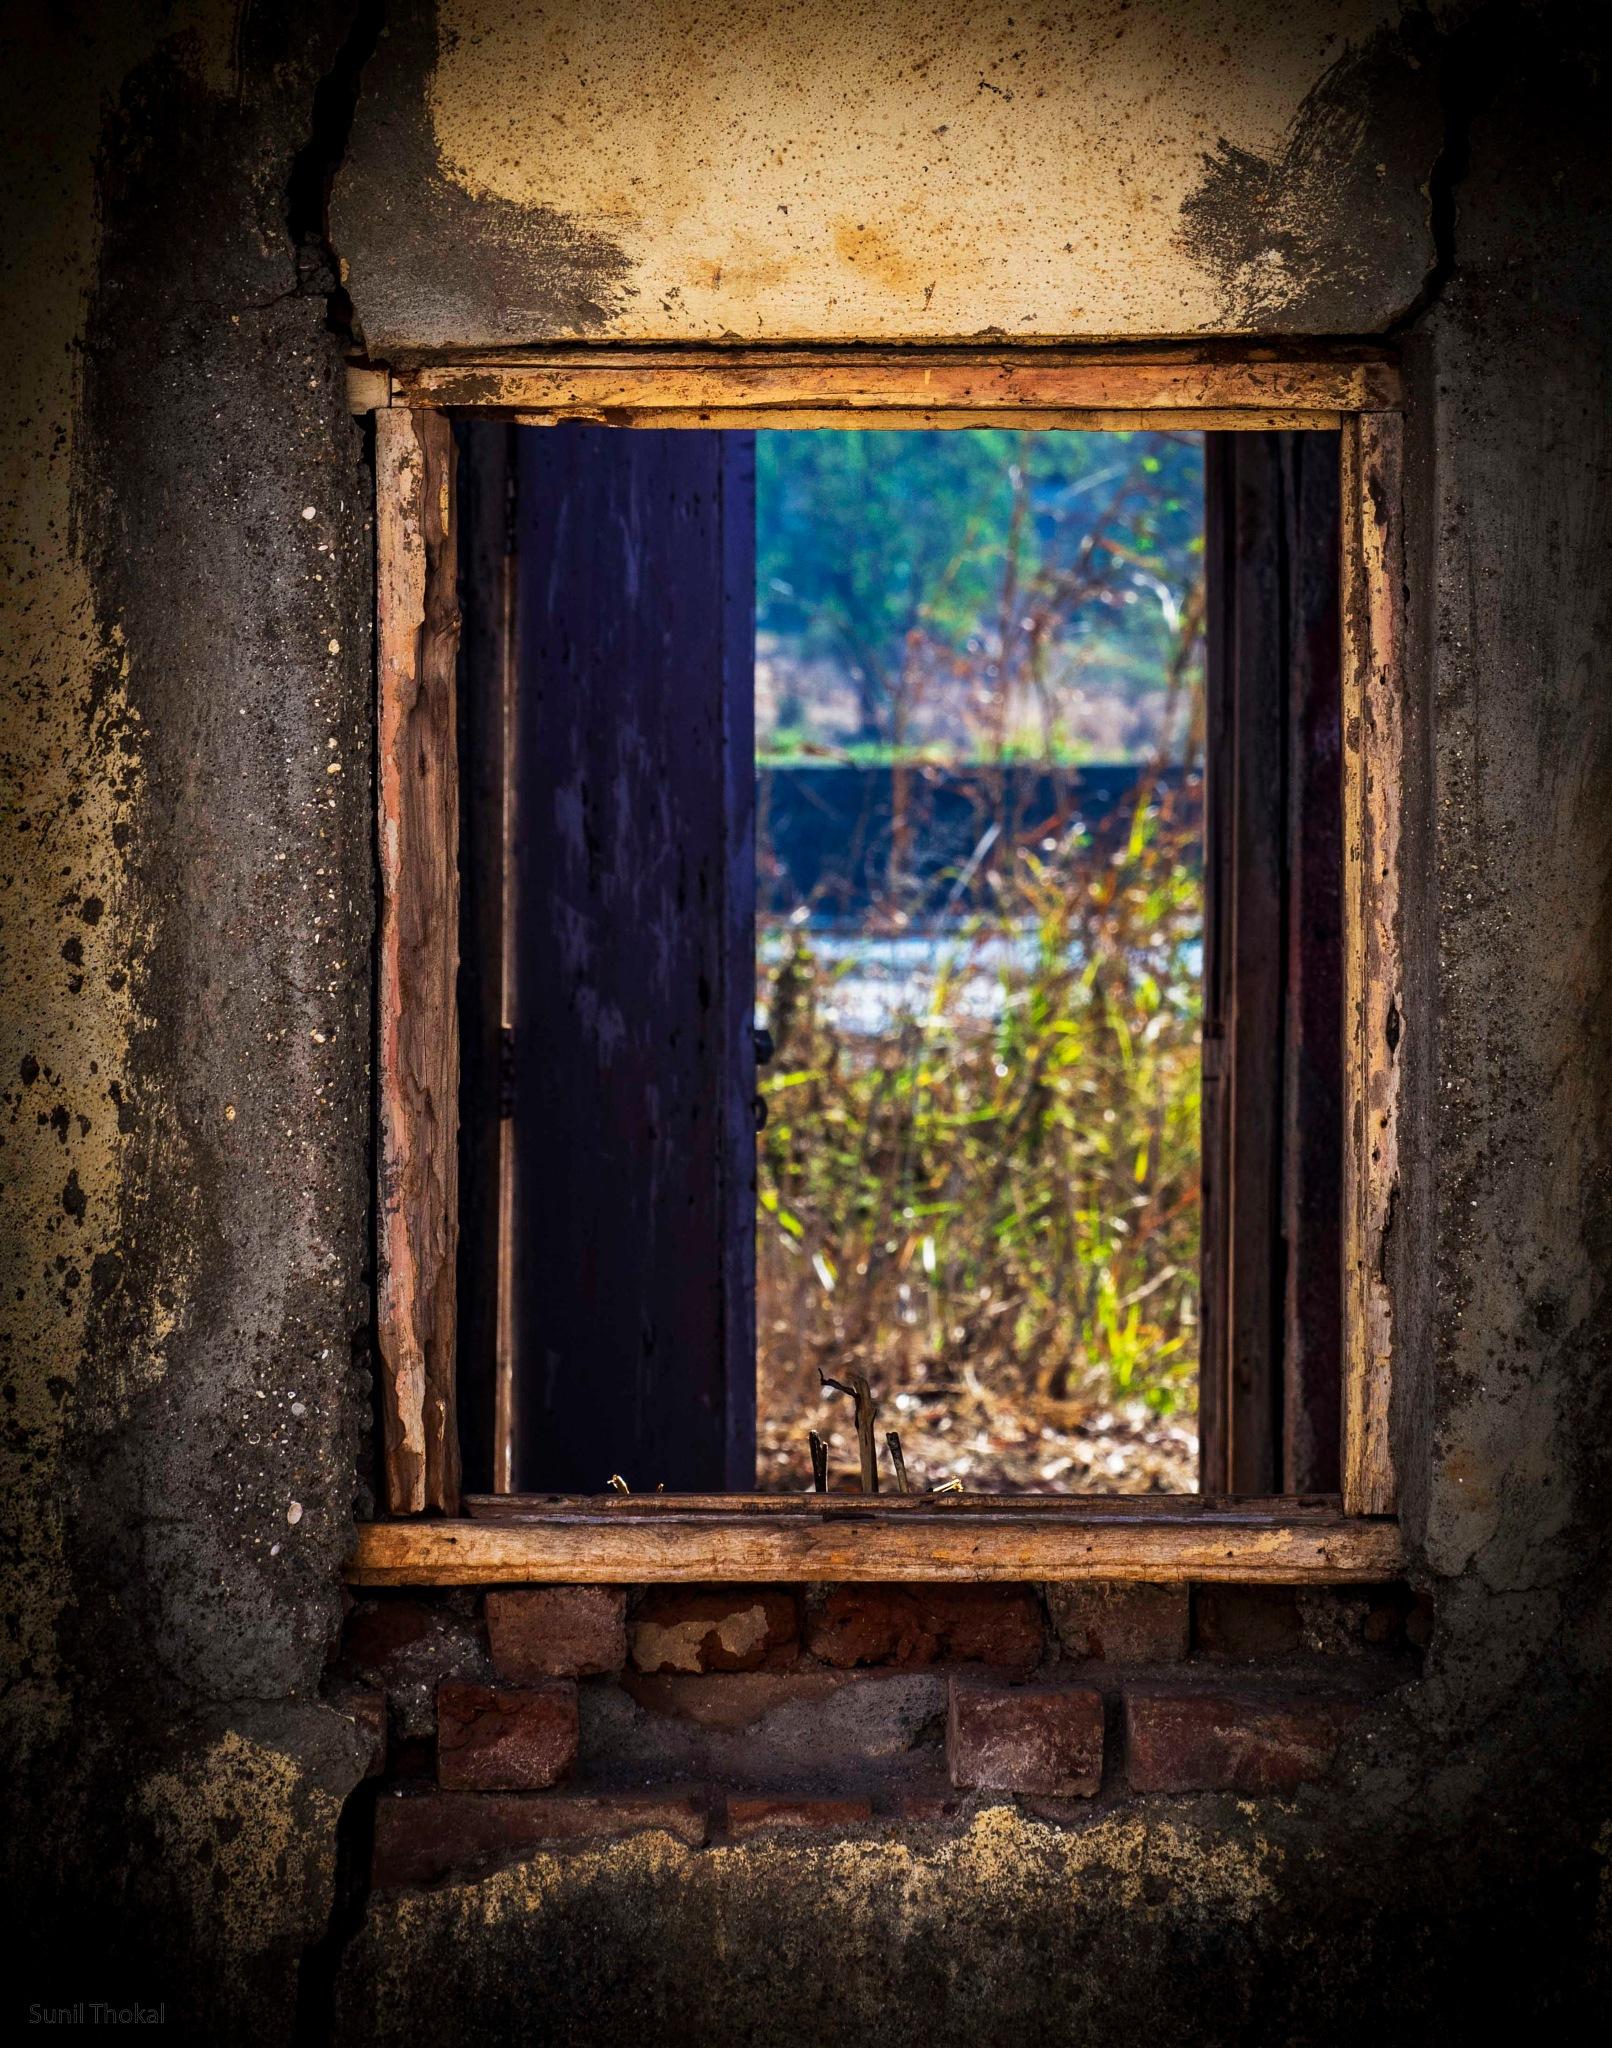 Window  by Sunil Prabhakar Thokal